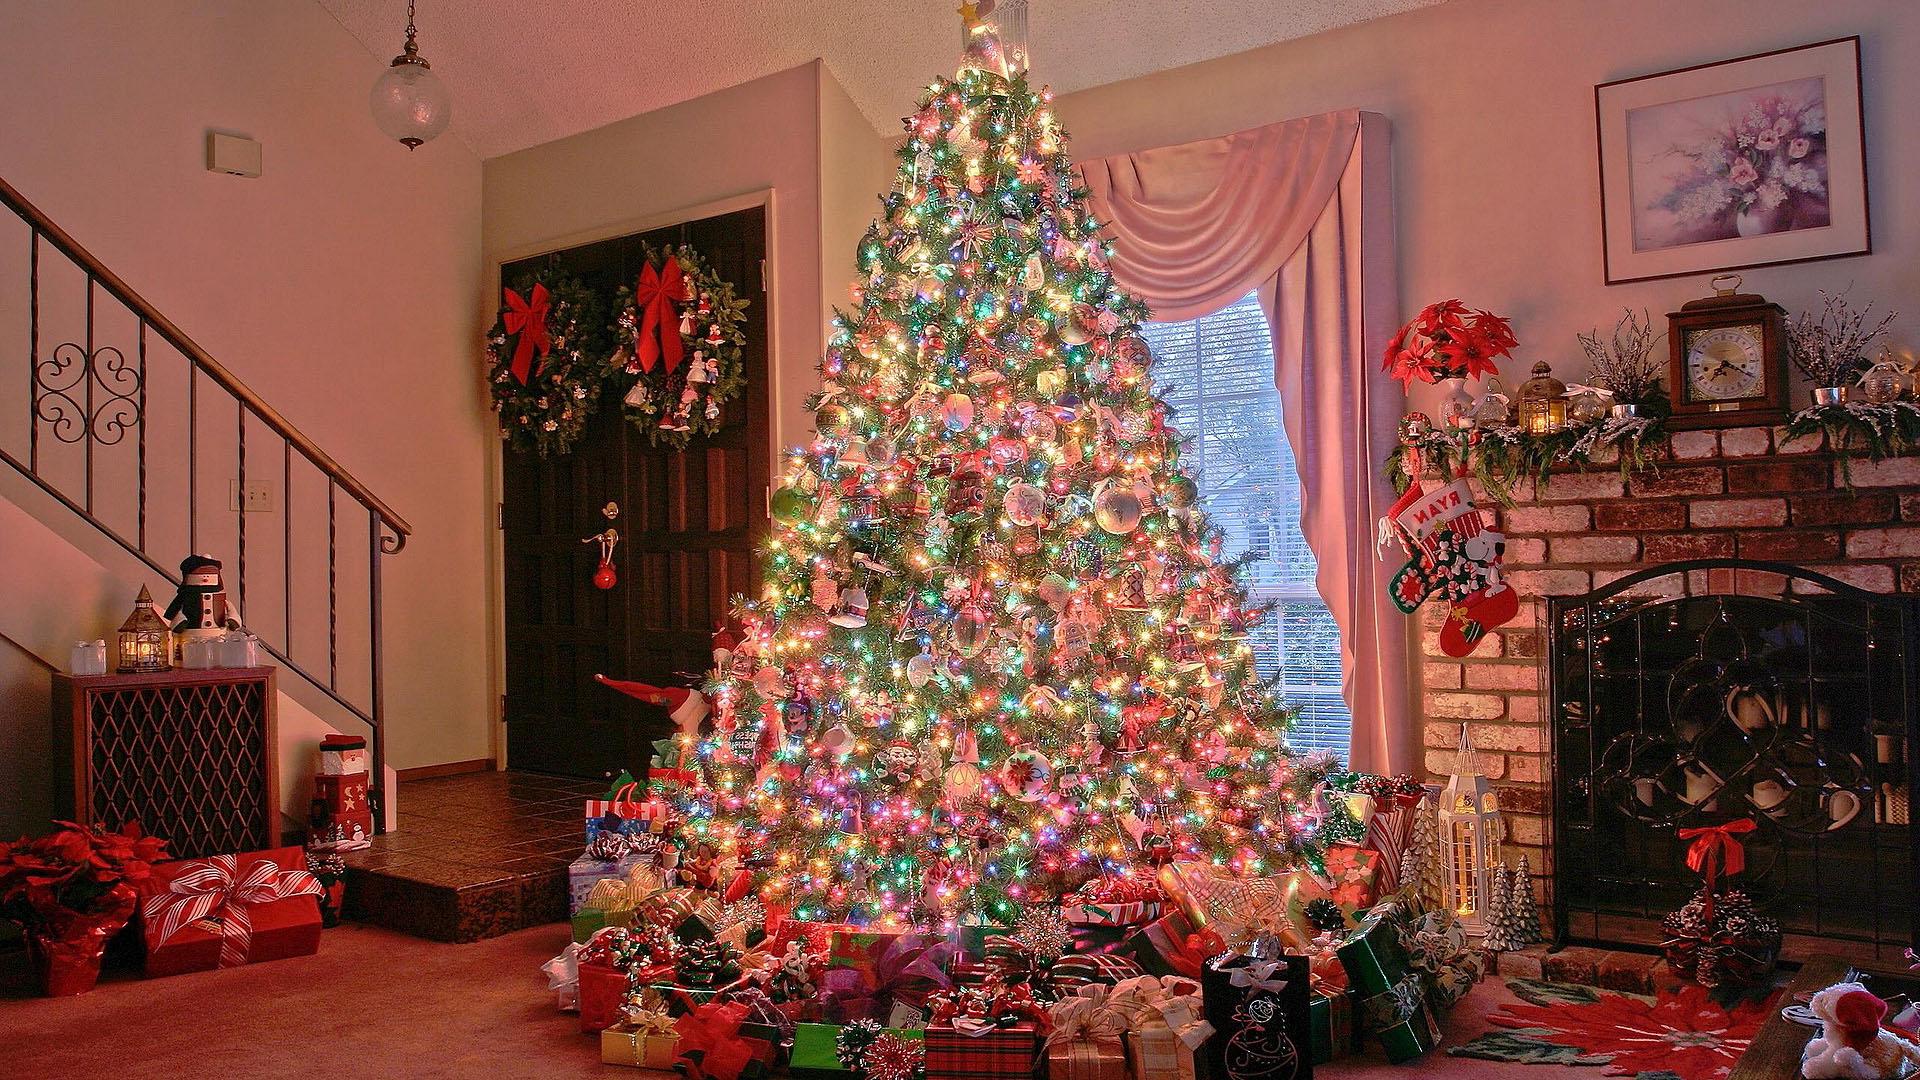 Наряженная Рождественская елка у камина, обои андроид новый год, 1920 на 1080 пикселей